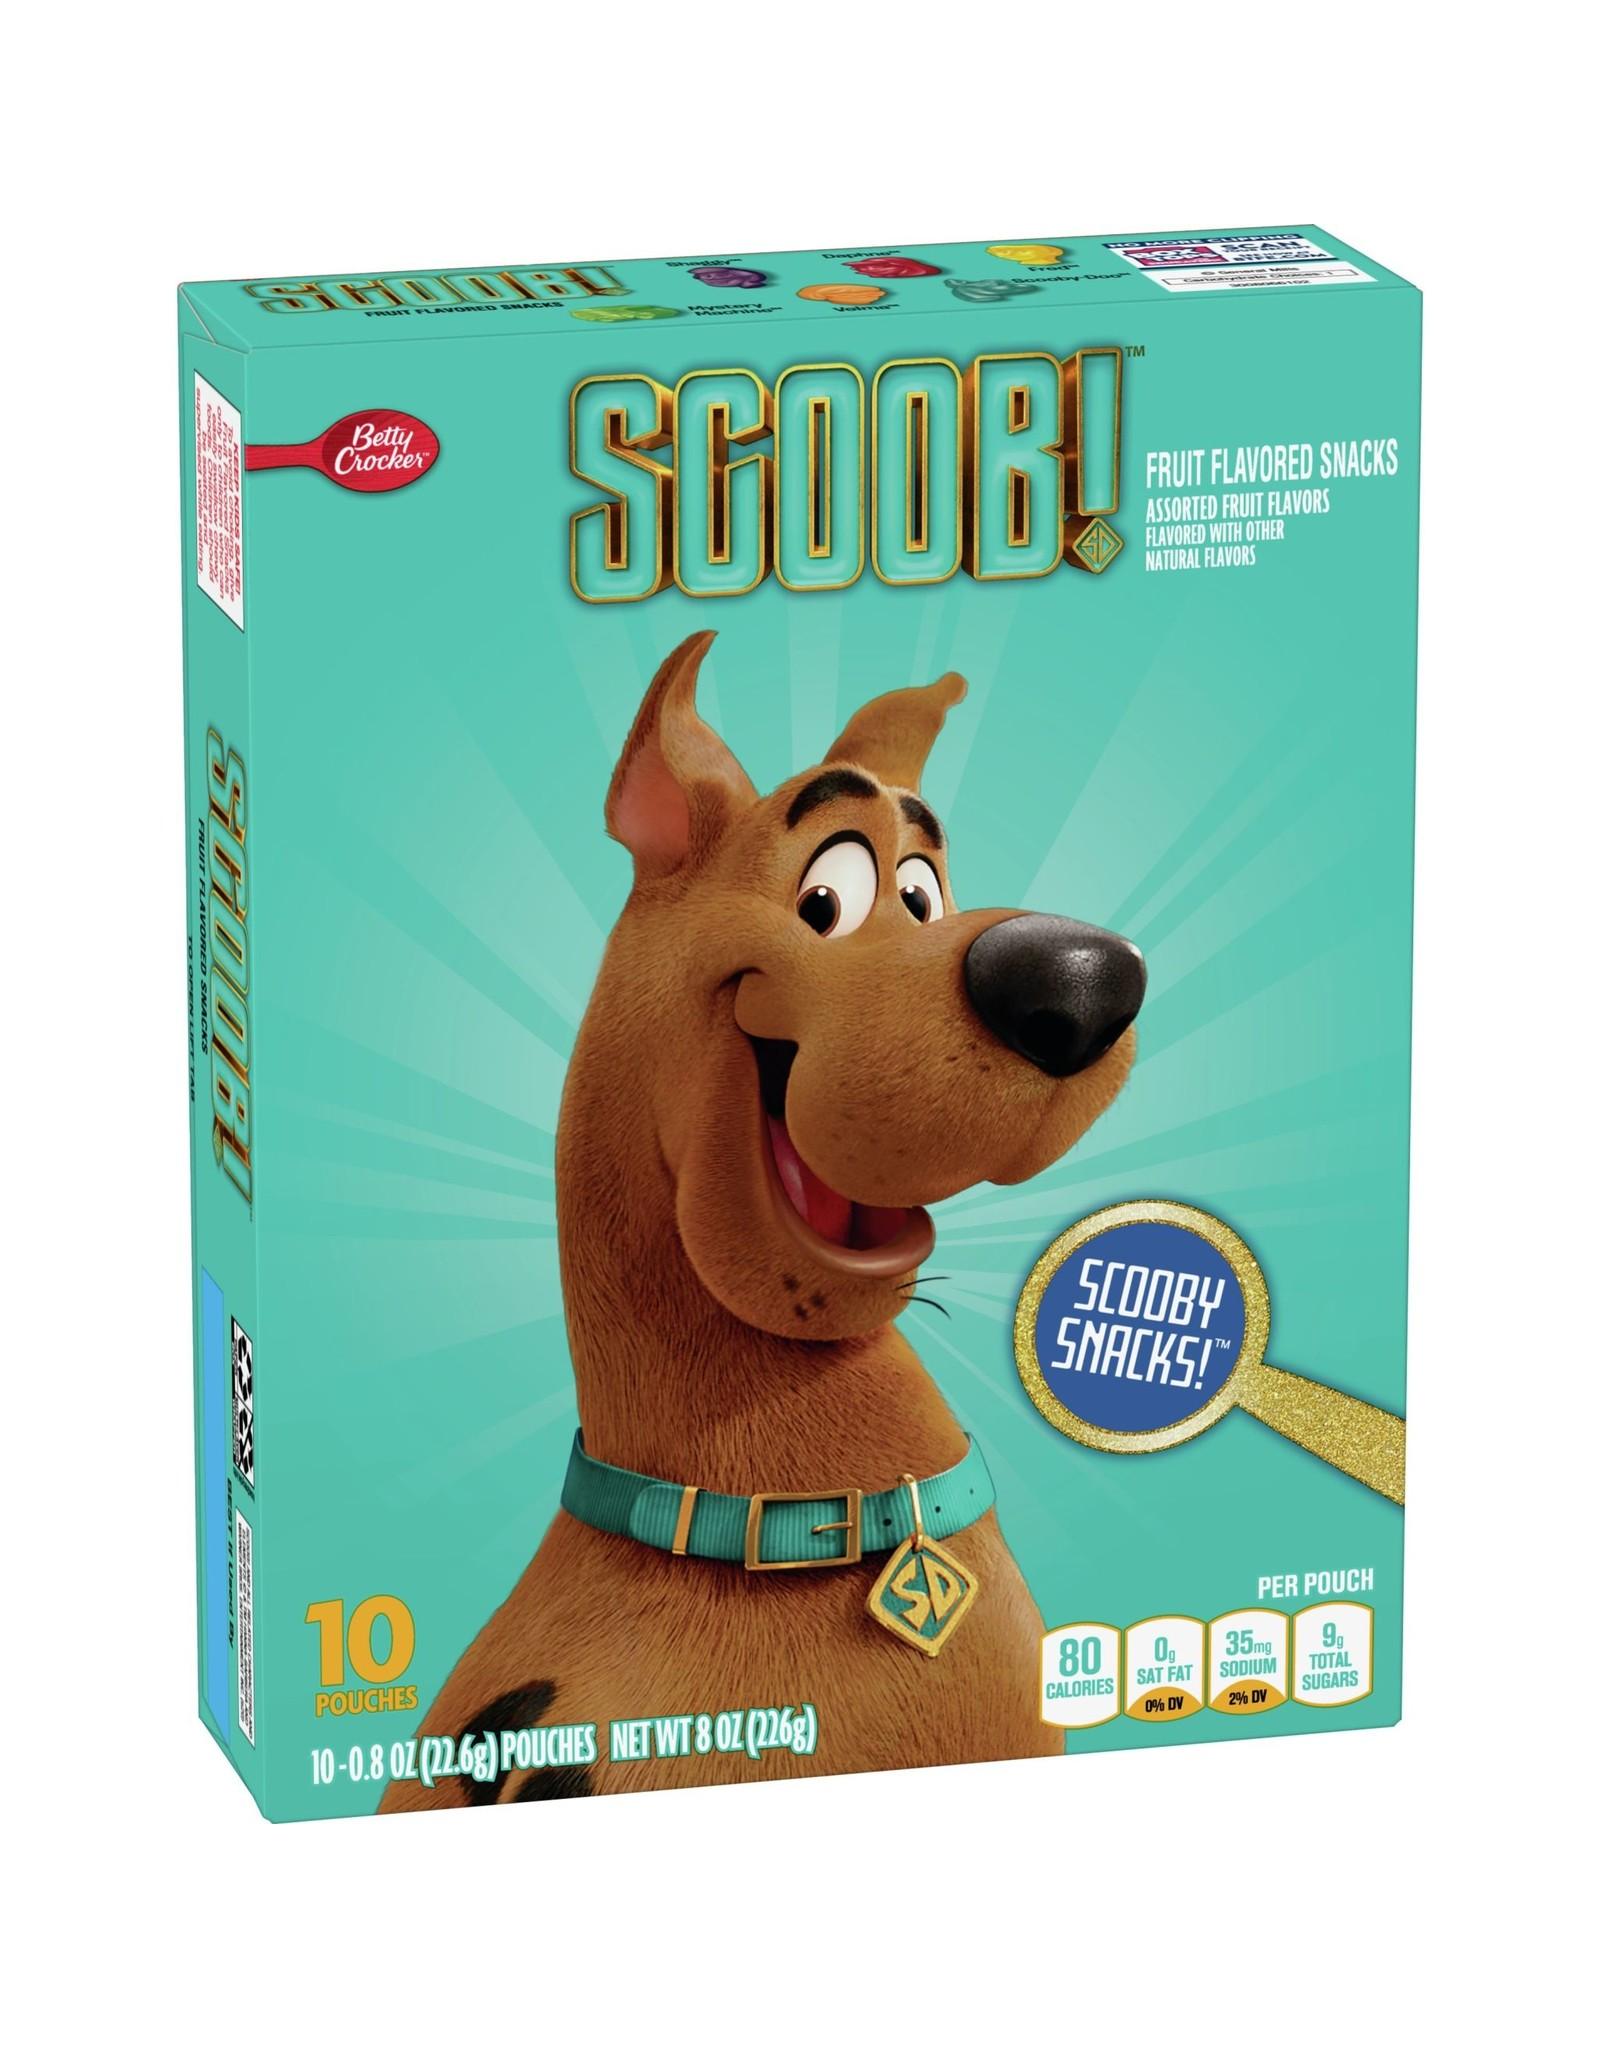 Betty Crocker Fruit Flavored Snacks - Scooby Snacks - 226g